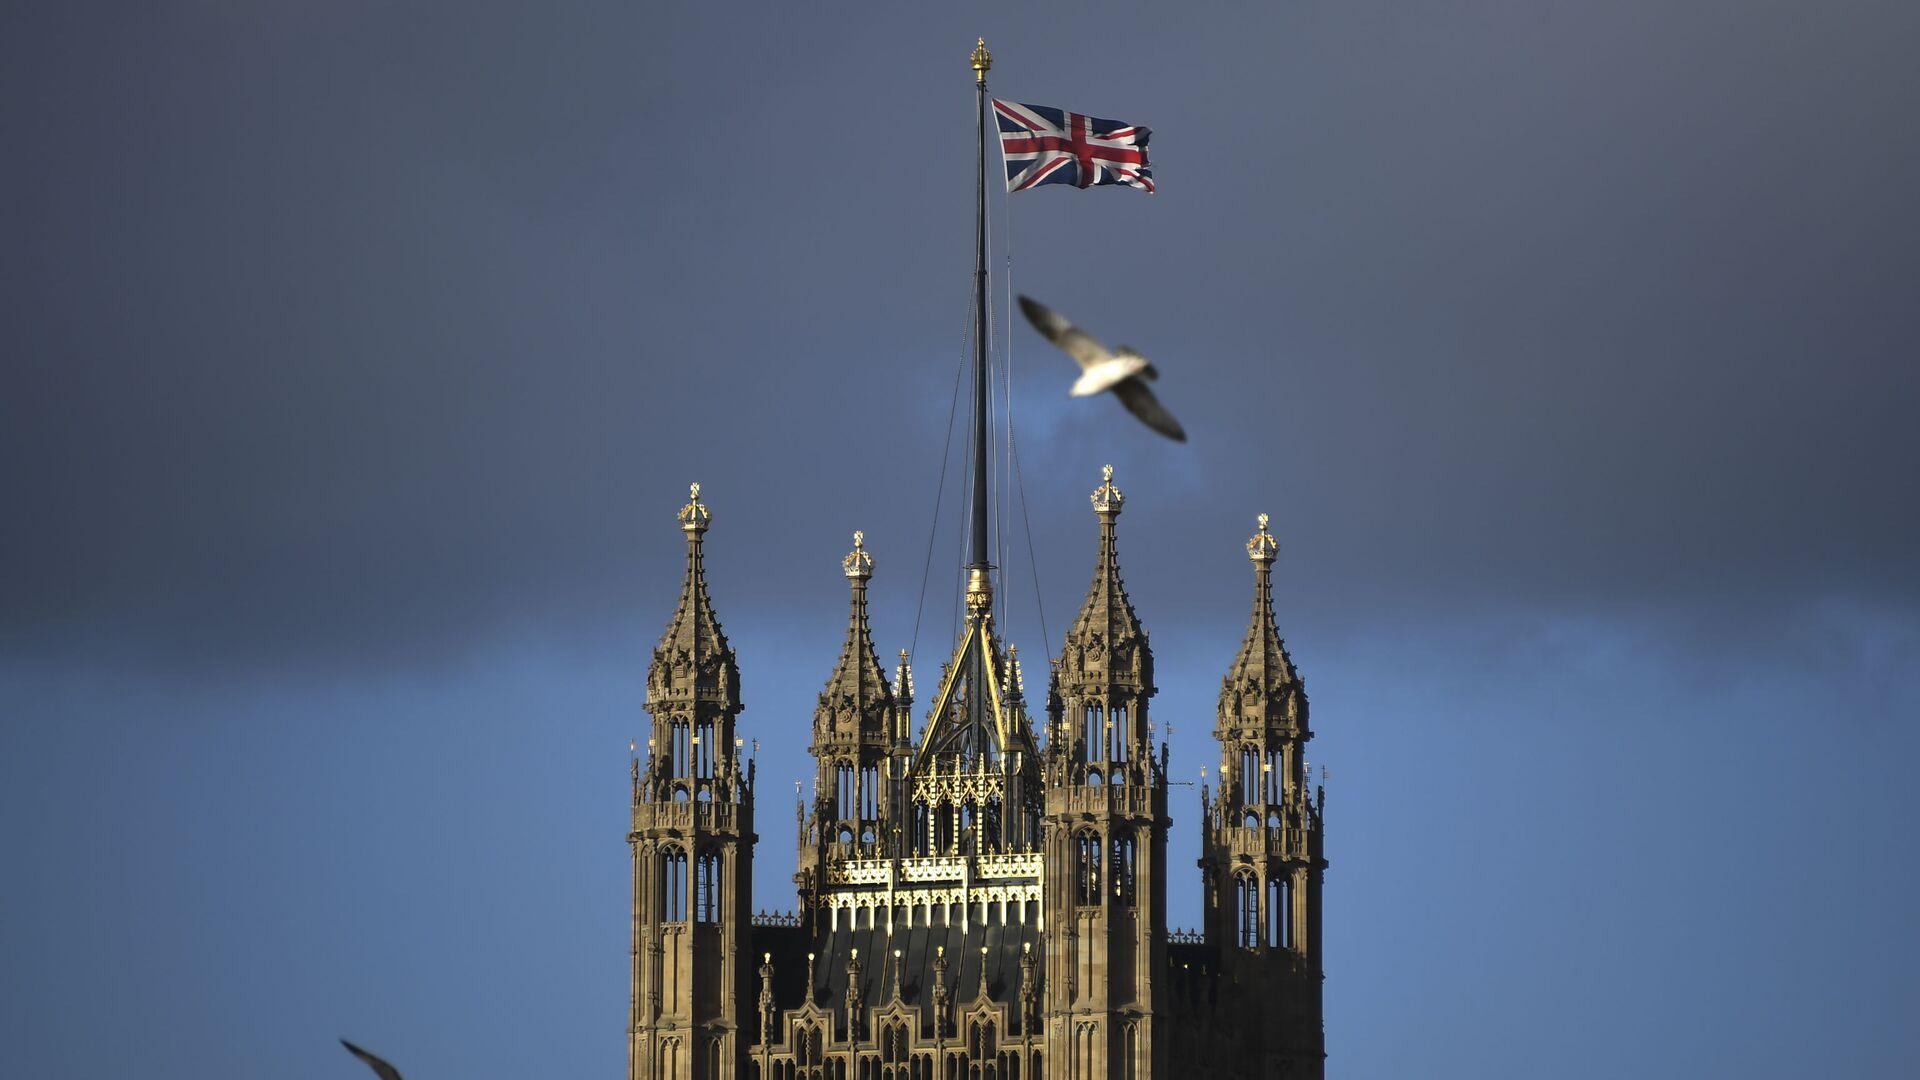 Викторијина кула у Вестминстеру у Лондону - Sputnik Србија, 1920, 08.06.2021